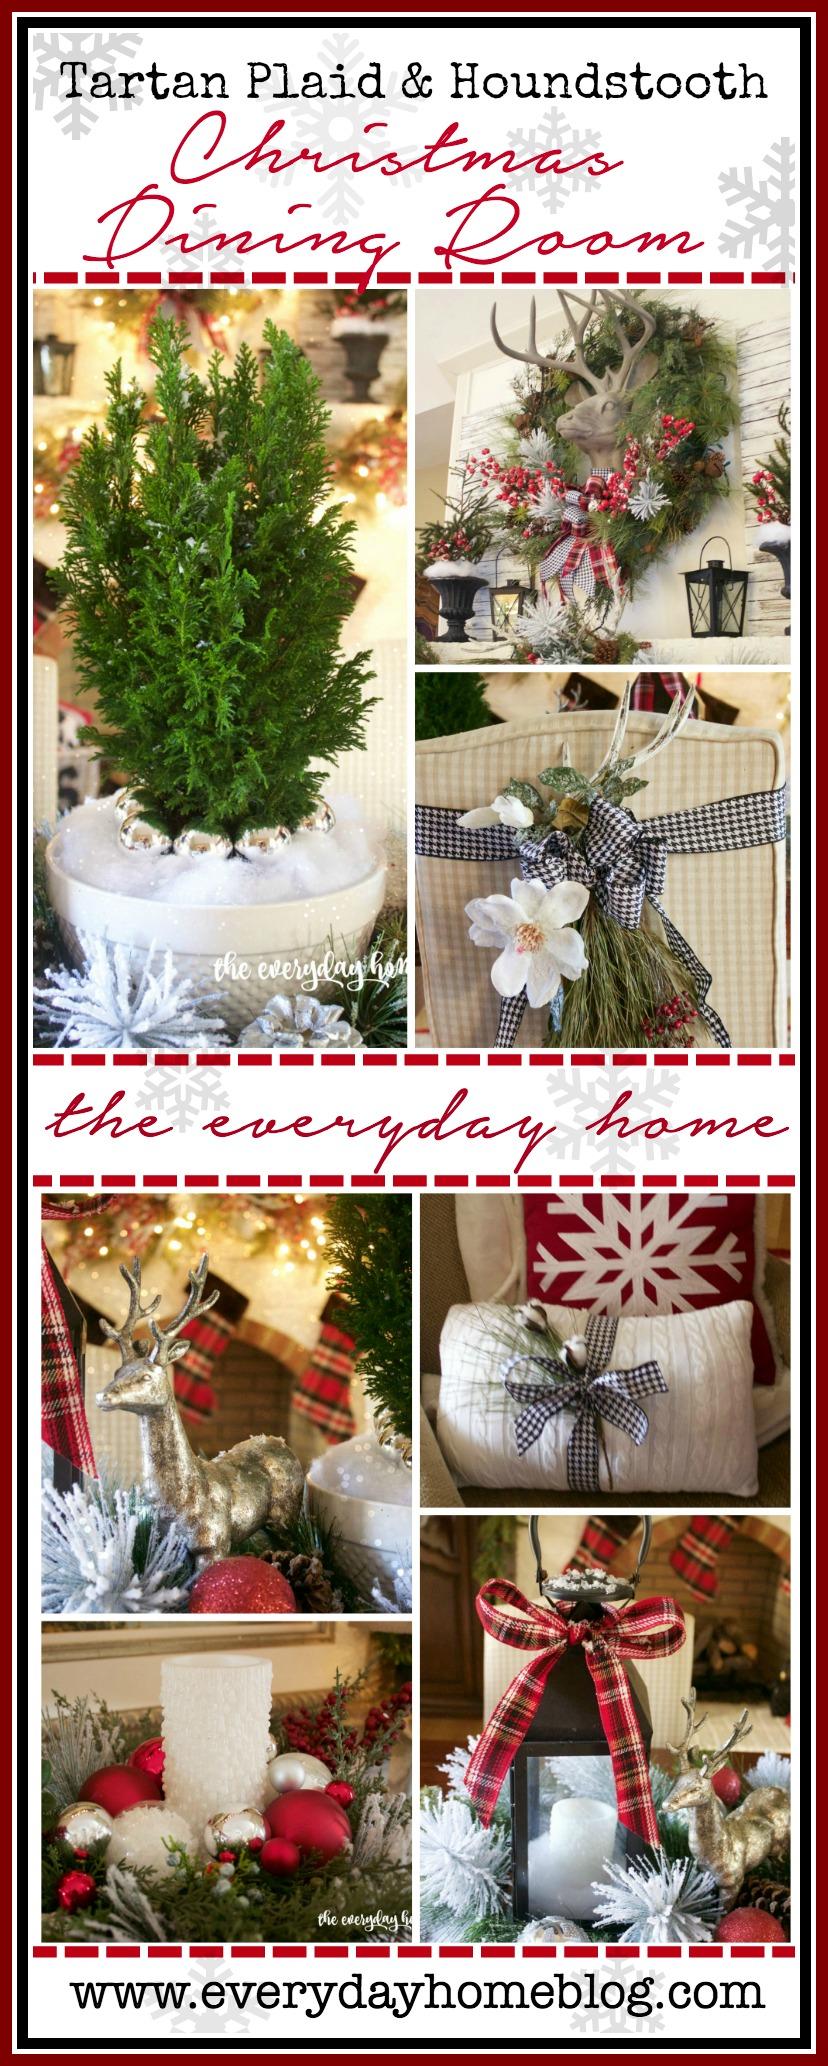 Tartan Plaid & Houndstooth Christmas Dining Room | 2015 Christmas Tour | The Everyday Home | www.everydayhomeblog.com